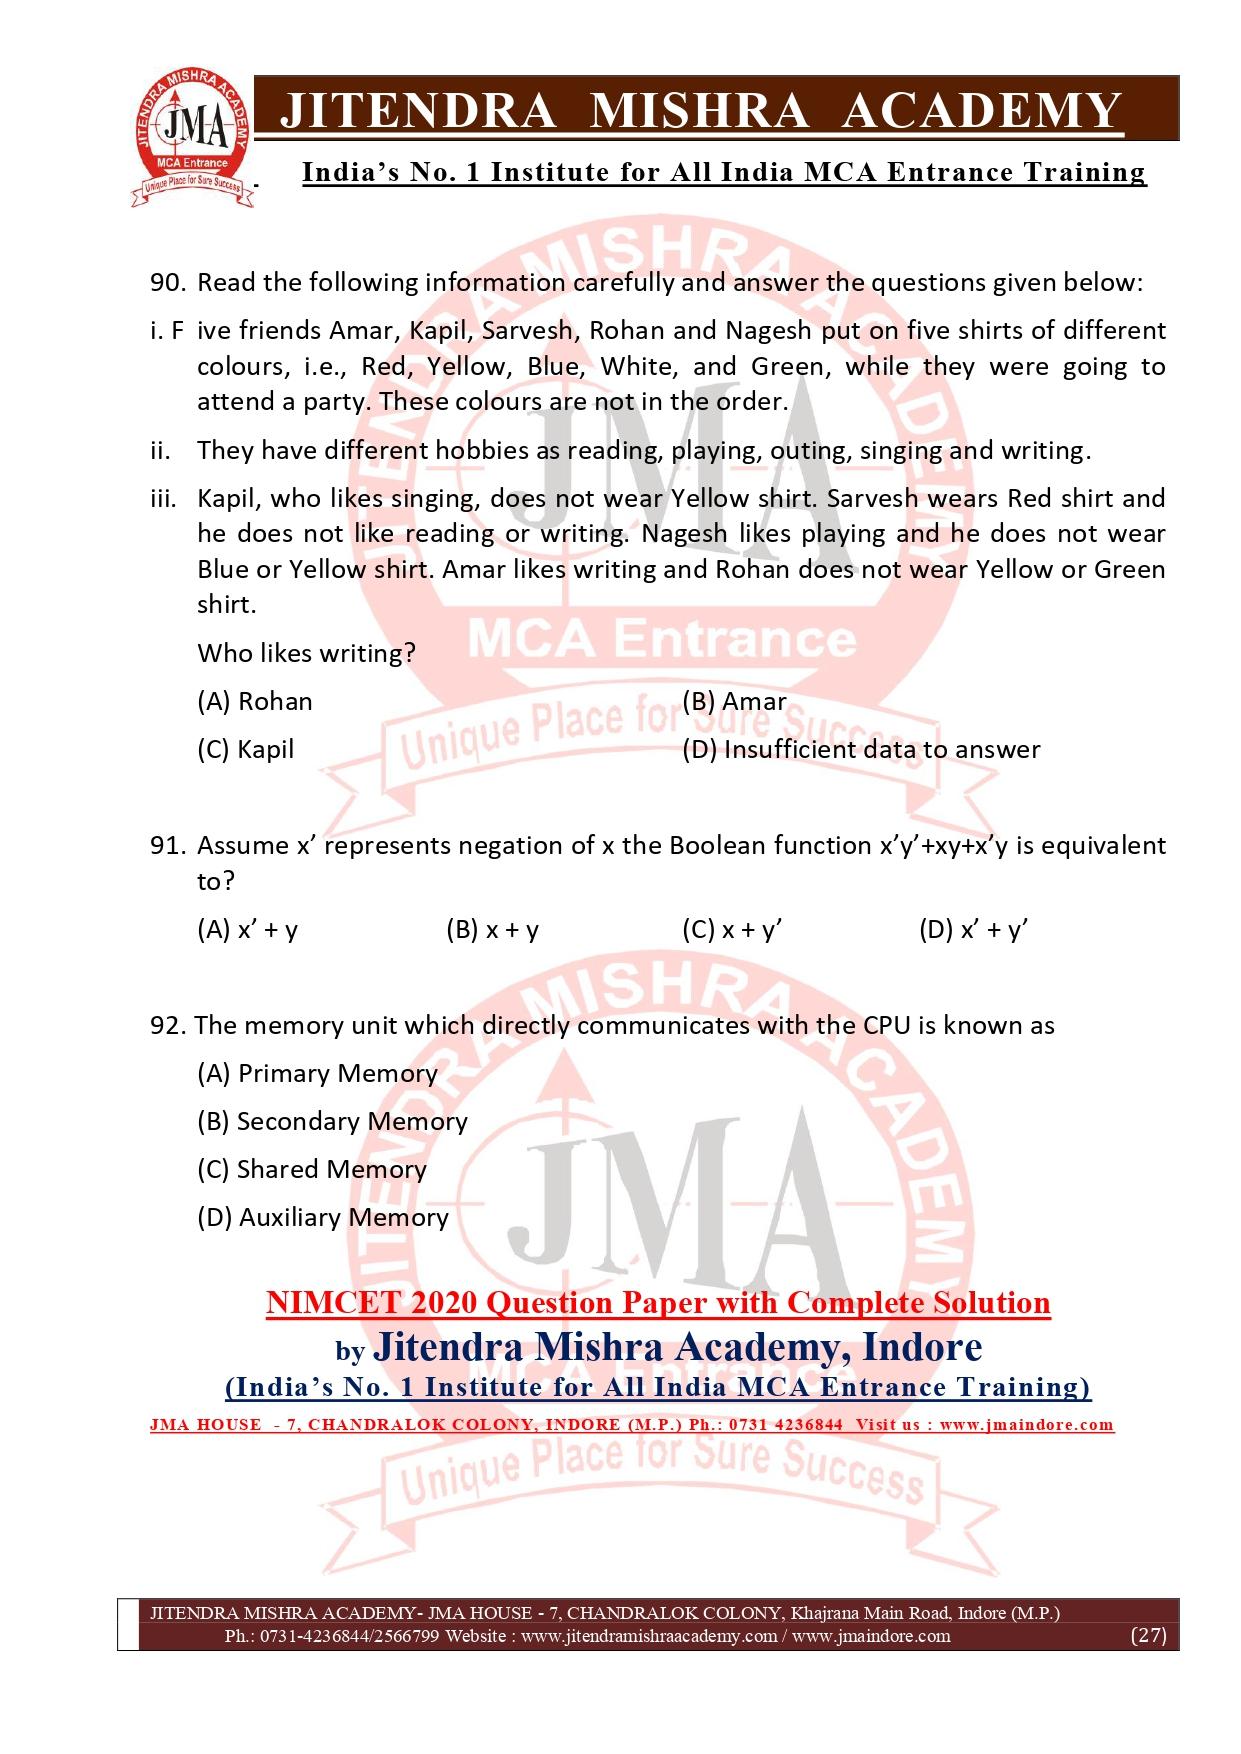 NIMCET 2020 QUESTION PAPER (FINAL)_page-0027